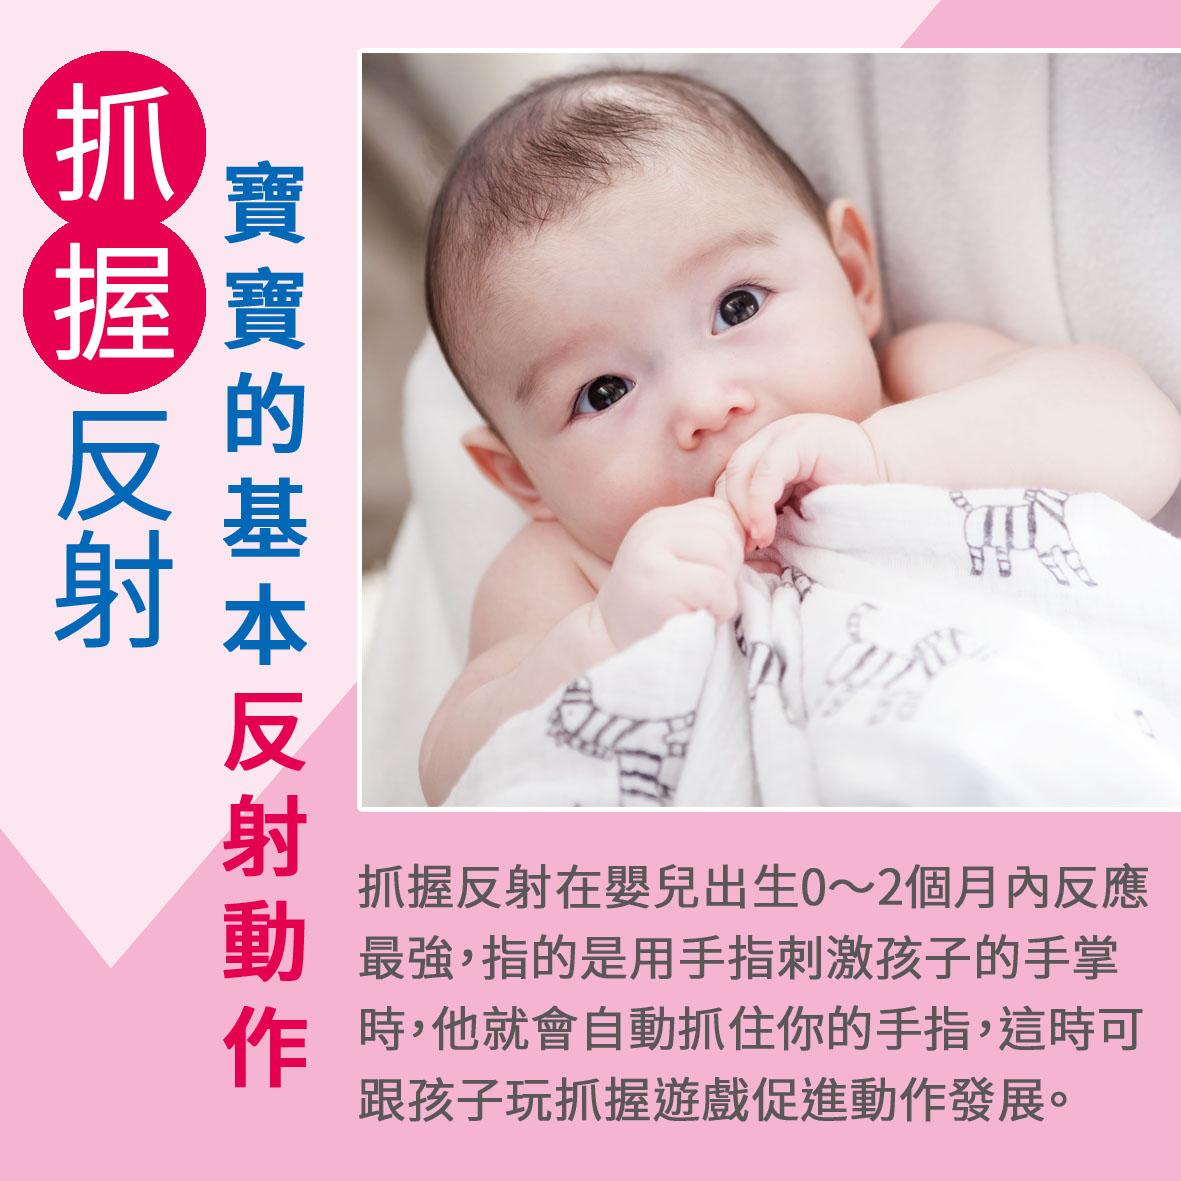 寶寶篇第7週-抓握反射 寶寶的基本反射動作